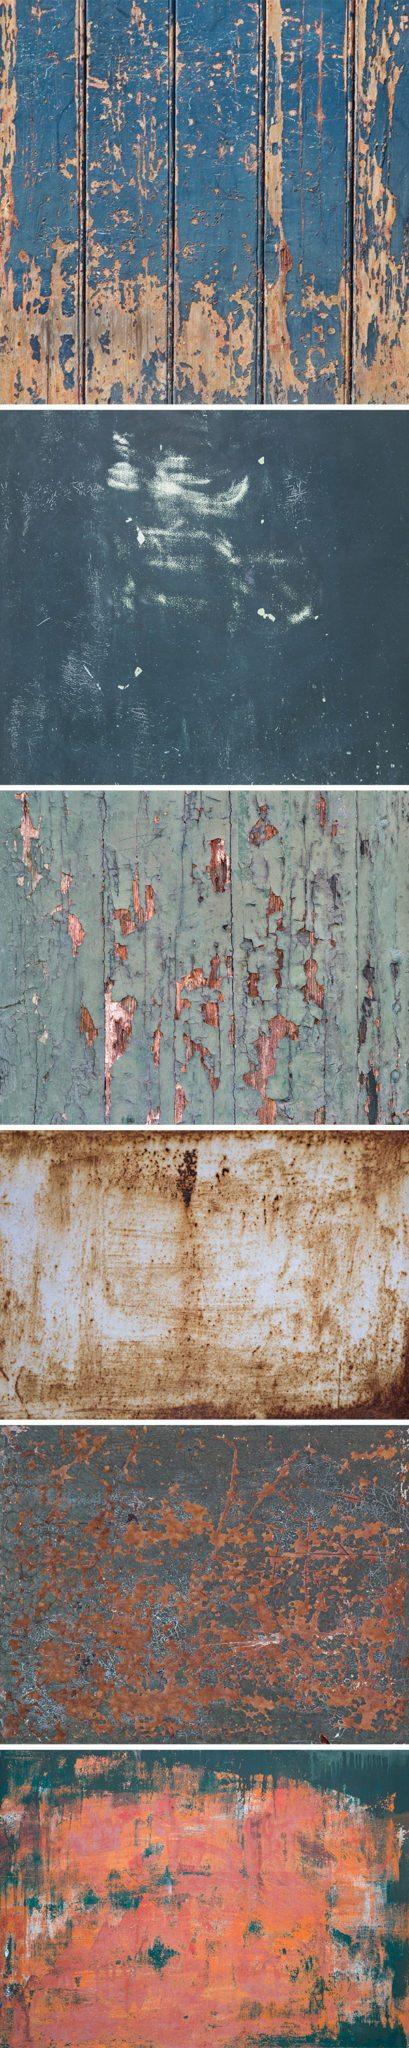 6-Weathered-Textures-Vol2-600